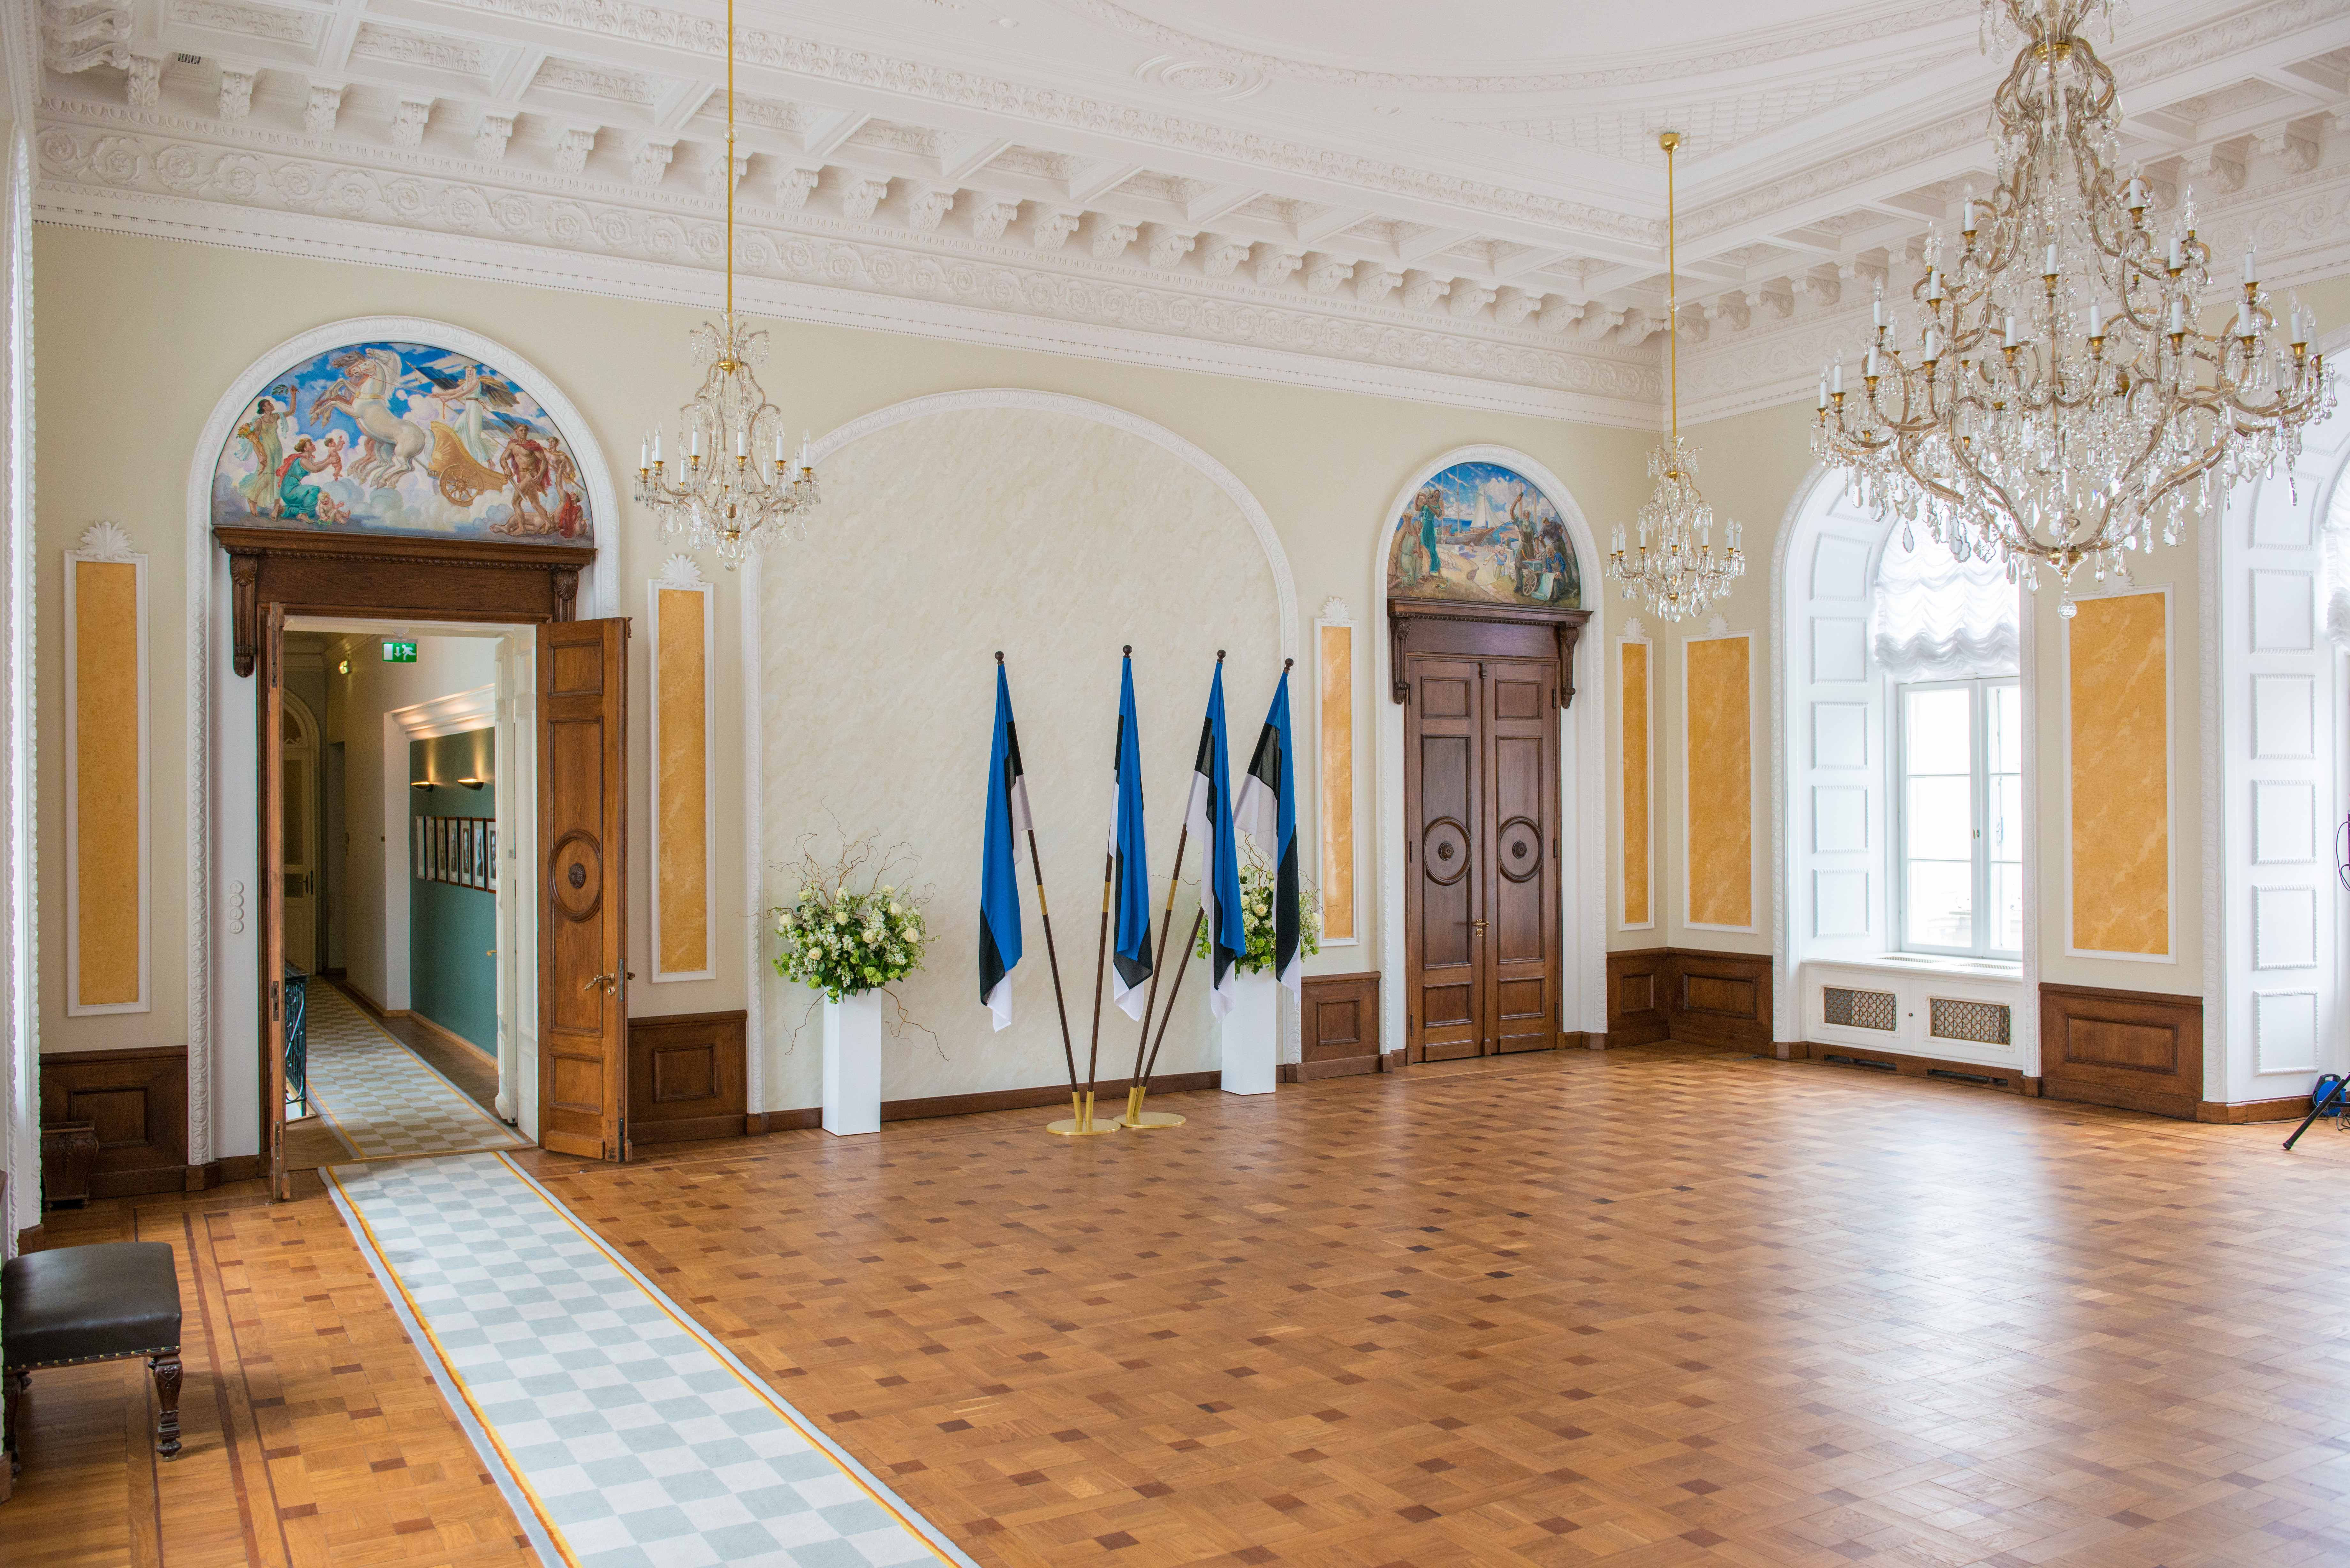 Valge saal on Riigikogu esindusruum, kus toimuvad pidulikud pildistamised